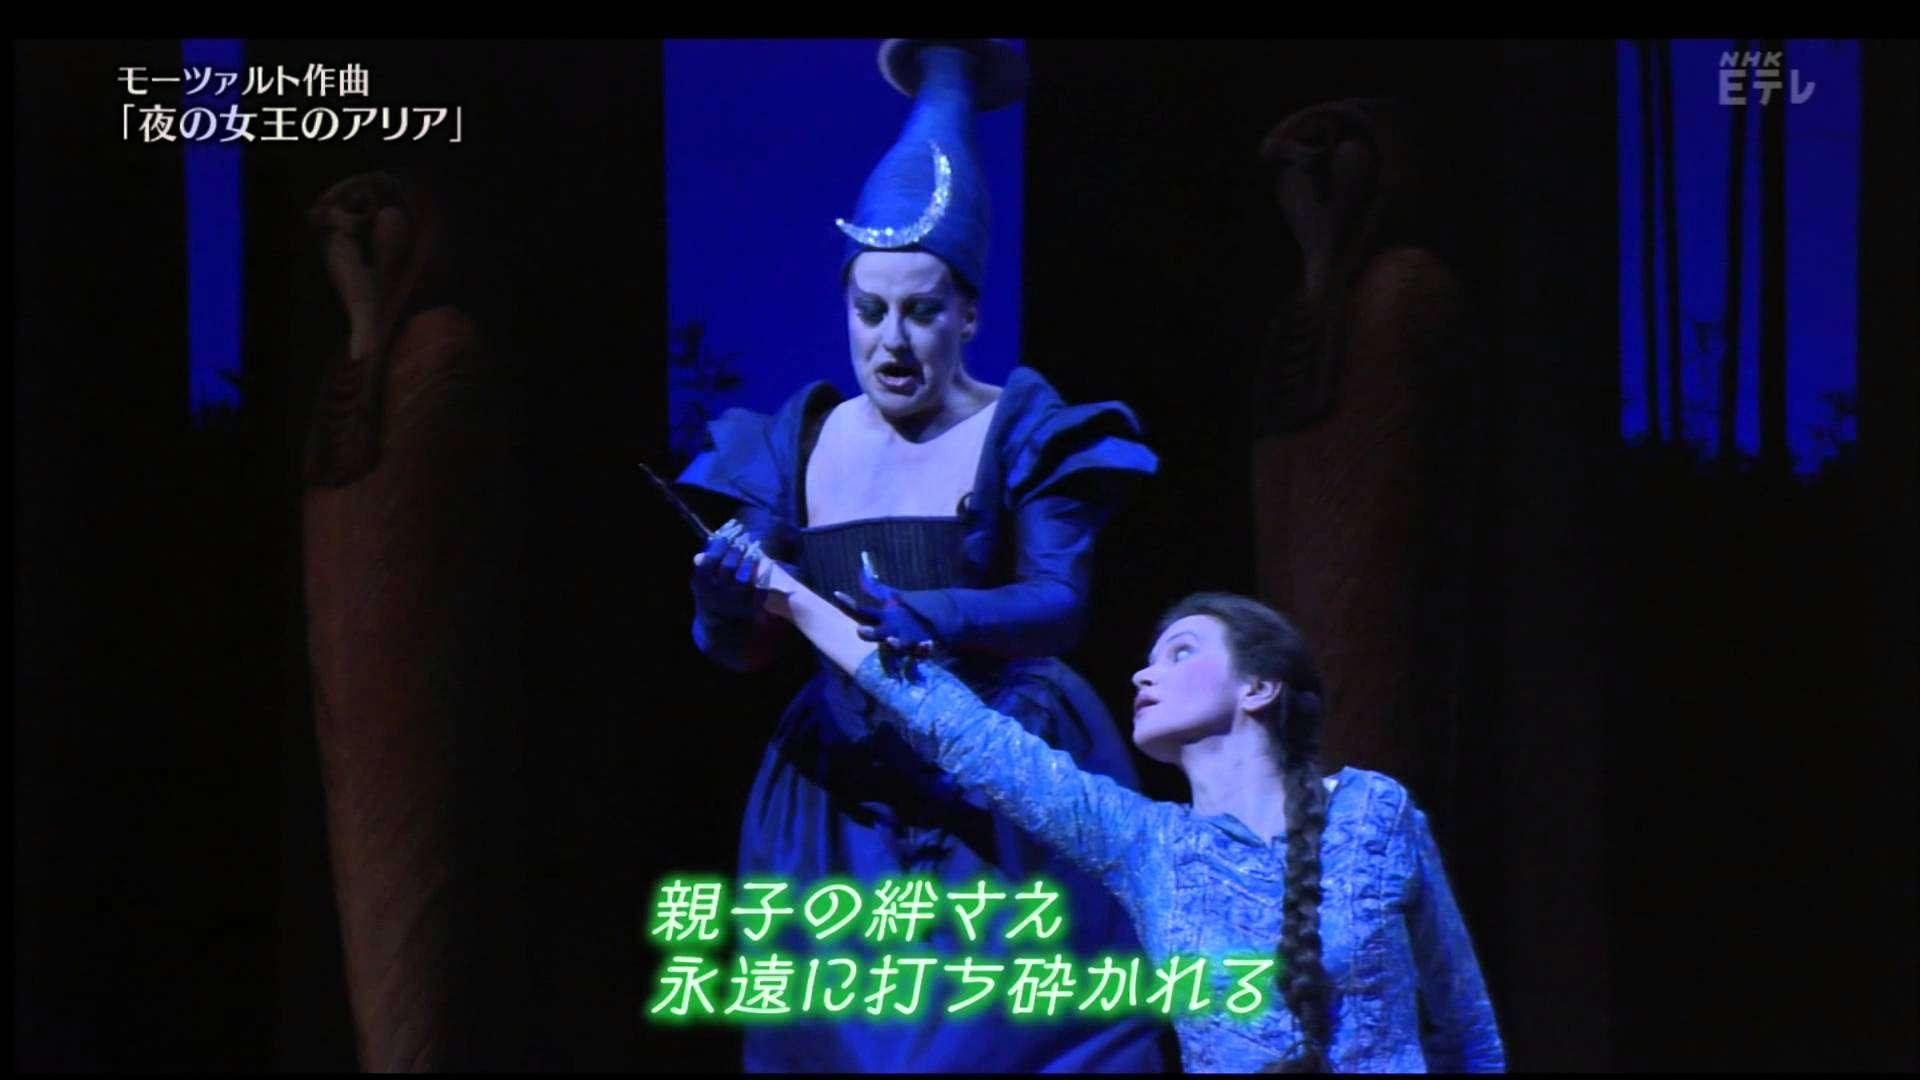 モーツァルト 魔笛 夜の女王のアリア (復しゅうの心は地獄のように胸に燃え) - YouTube